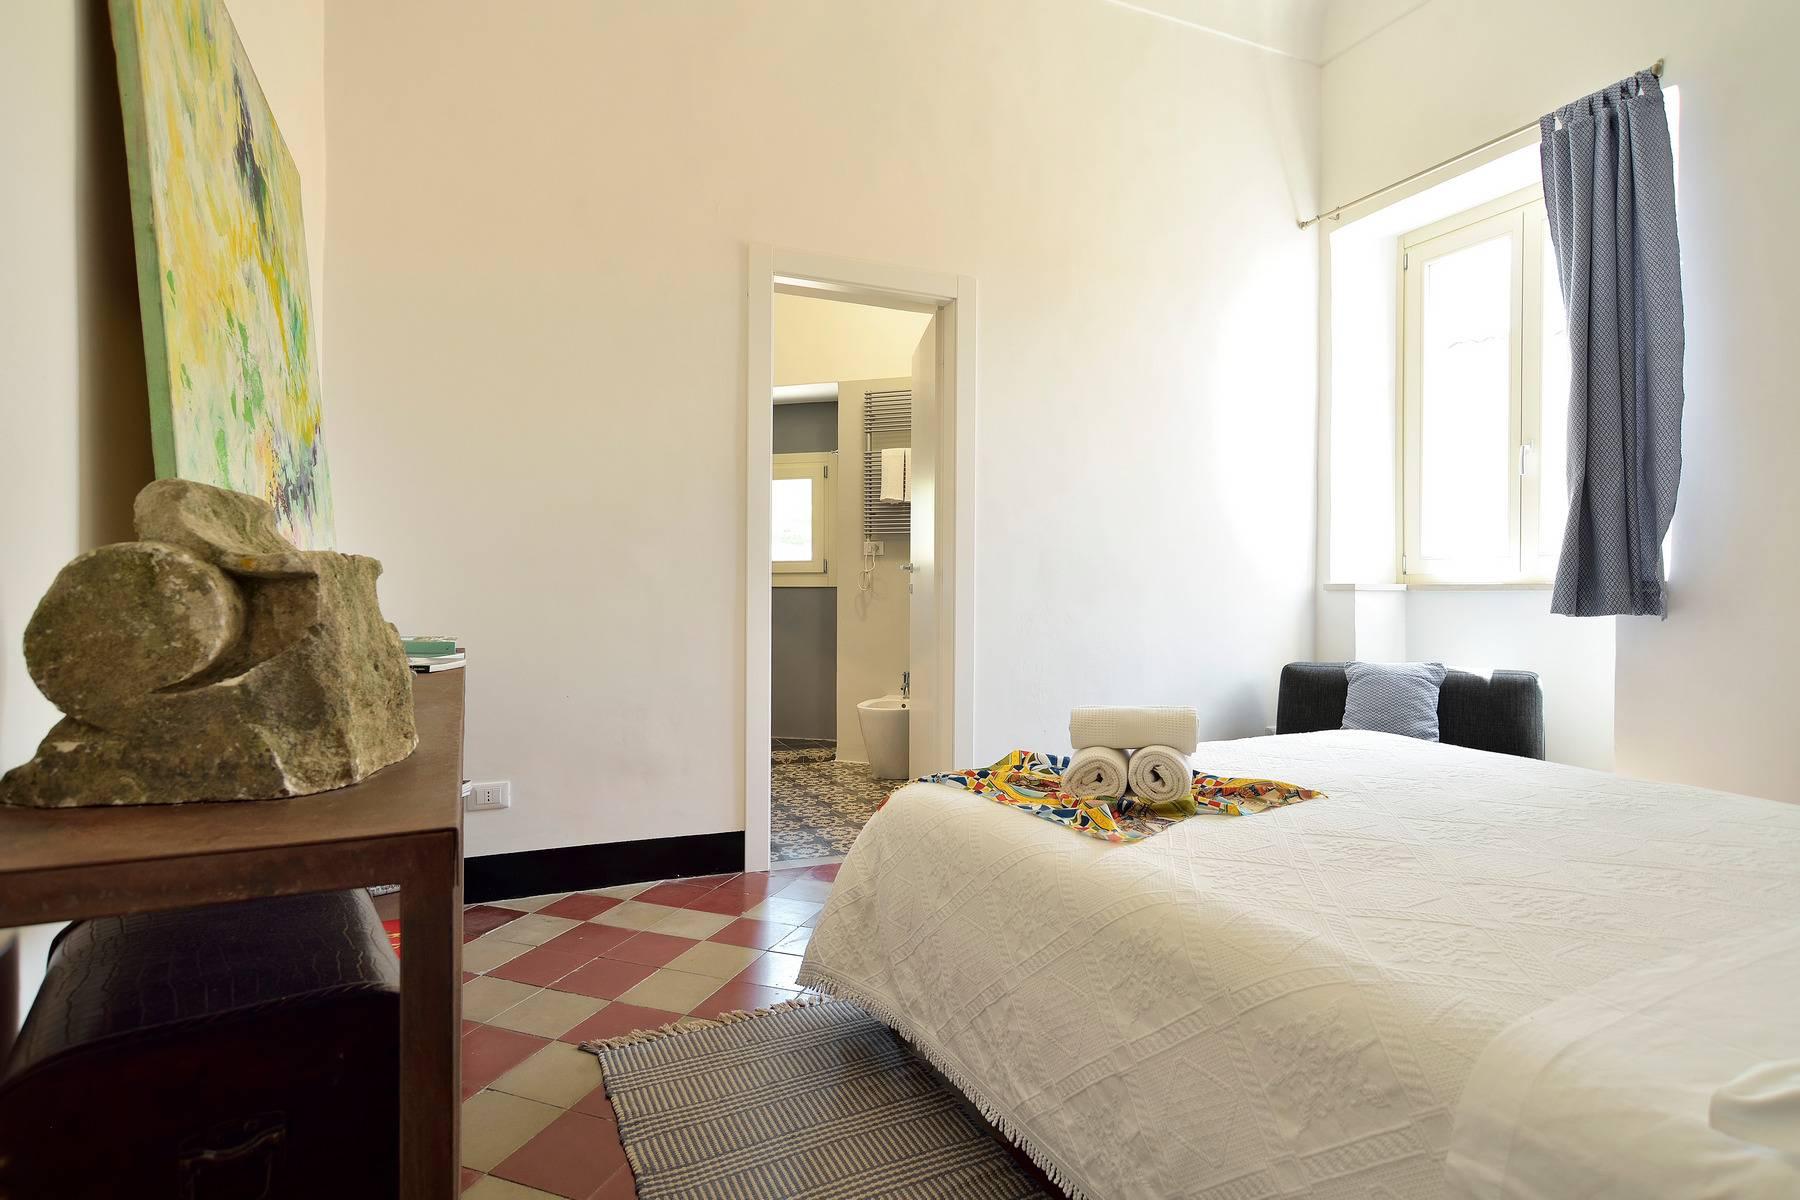 Casa indipendente in Vendita a Modica: 5 locali, 185 mq - Foto 17